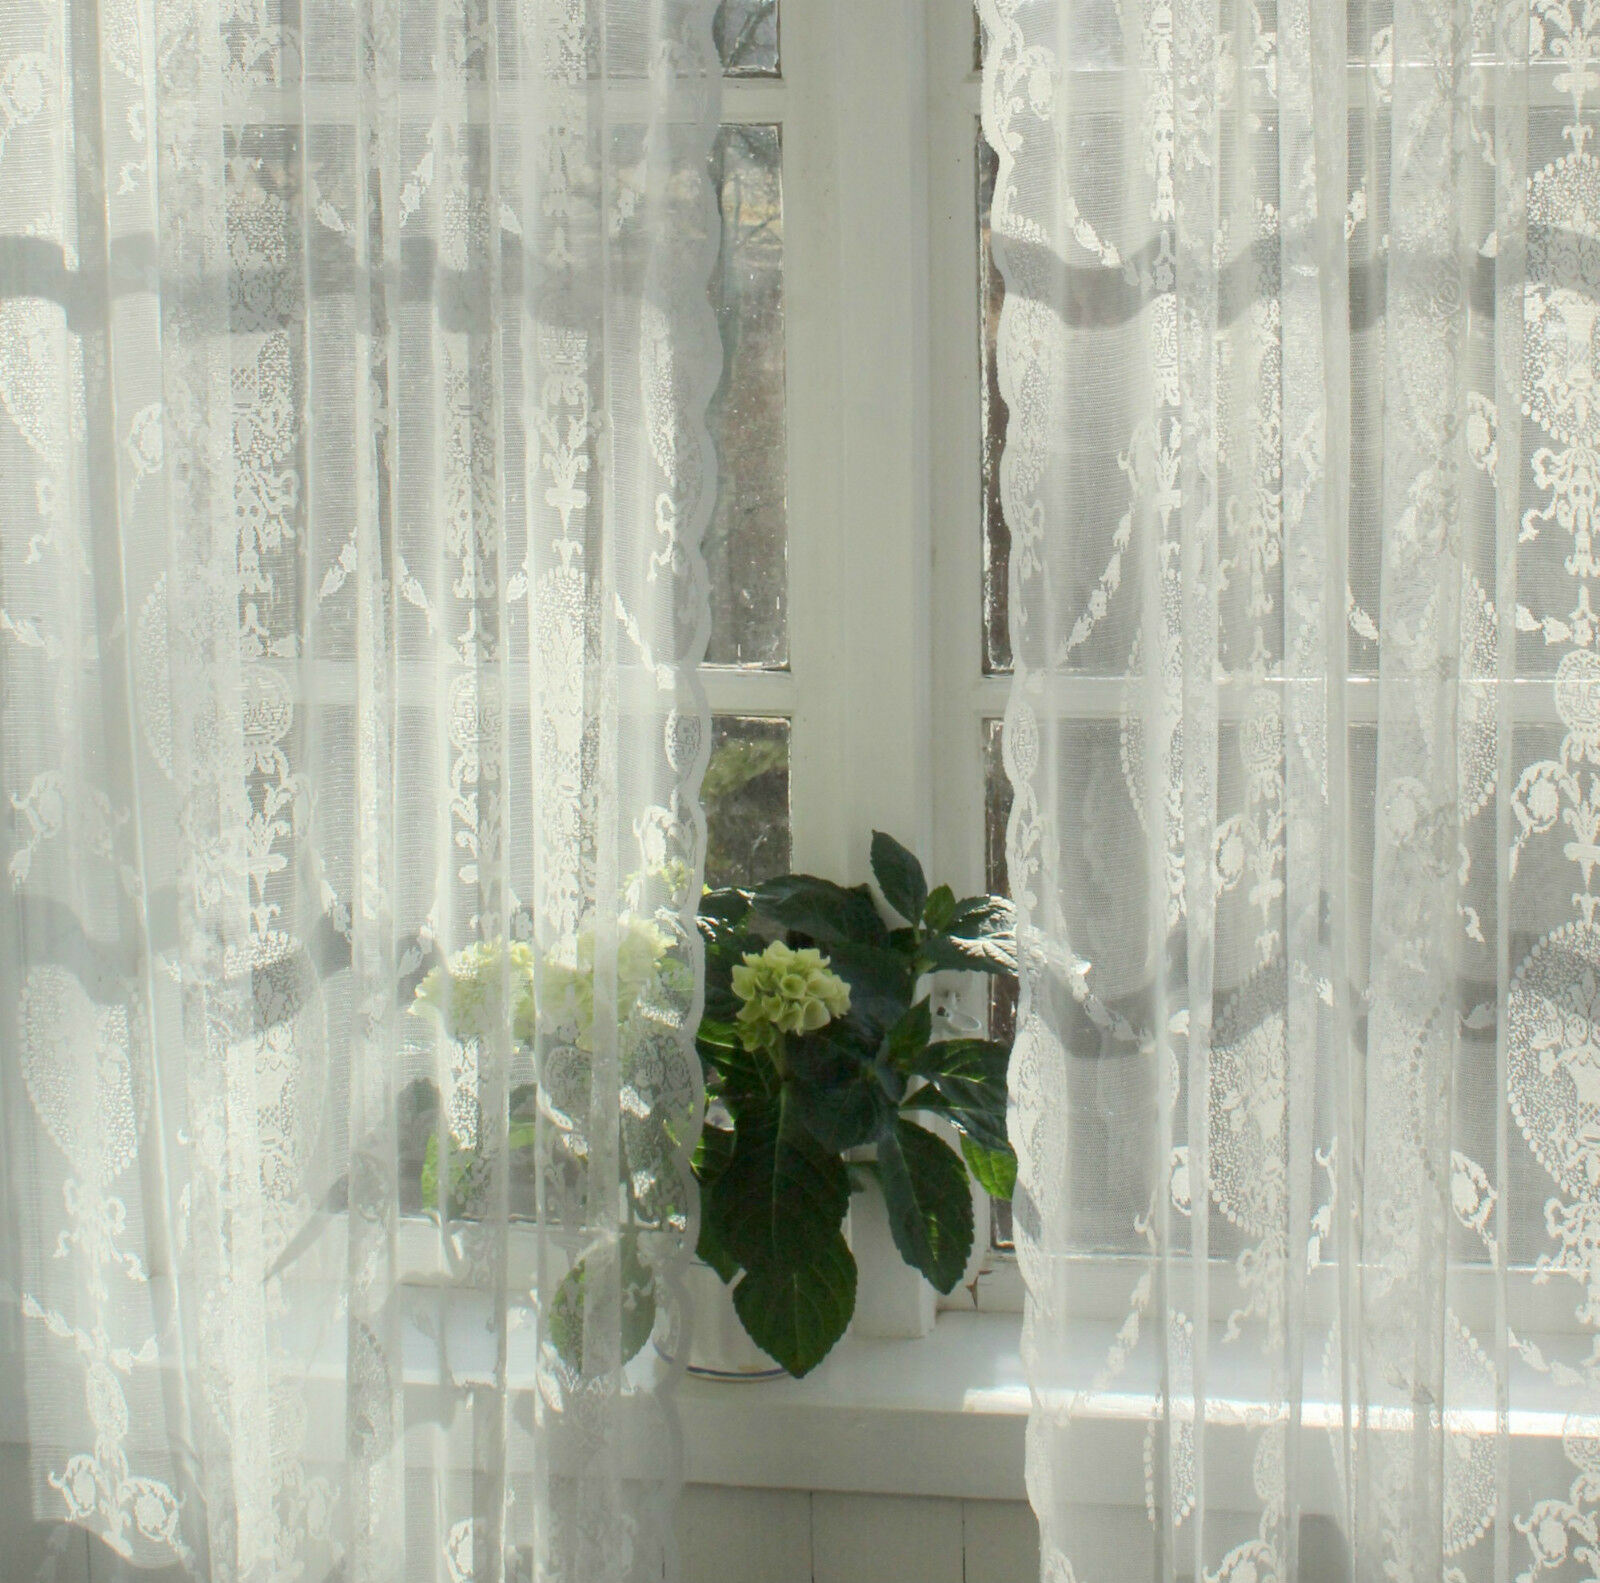 Vorhang AVERY OffWeiß 300 Spitzen Gardine 2 x x x 140x300 LillaBelle Romantik | Preiszugeständnisse  | Passend In Der Farbe  e7d29b